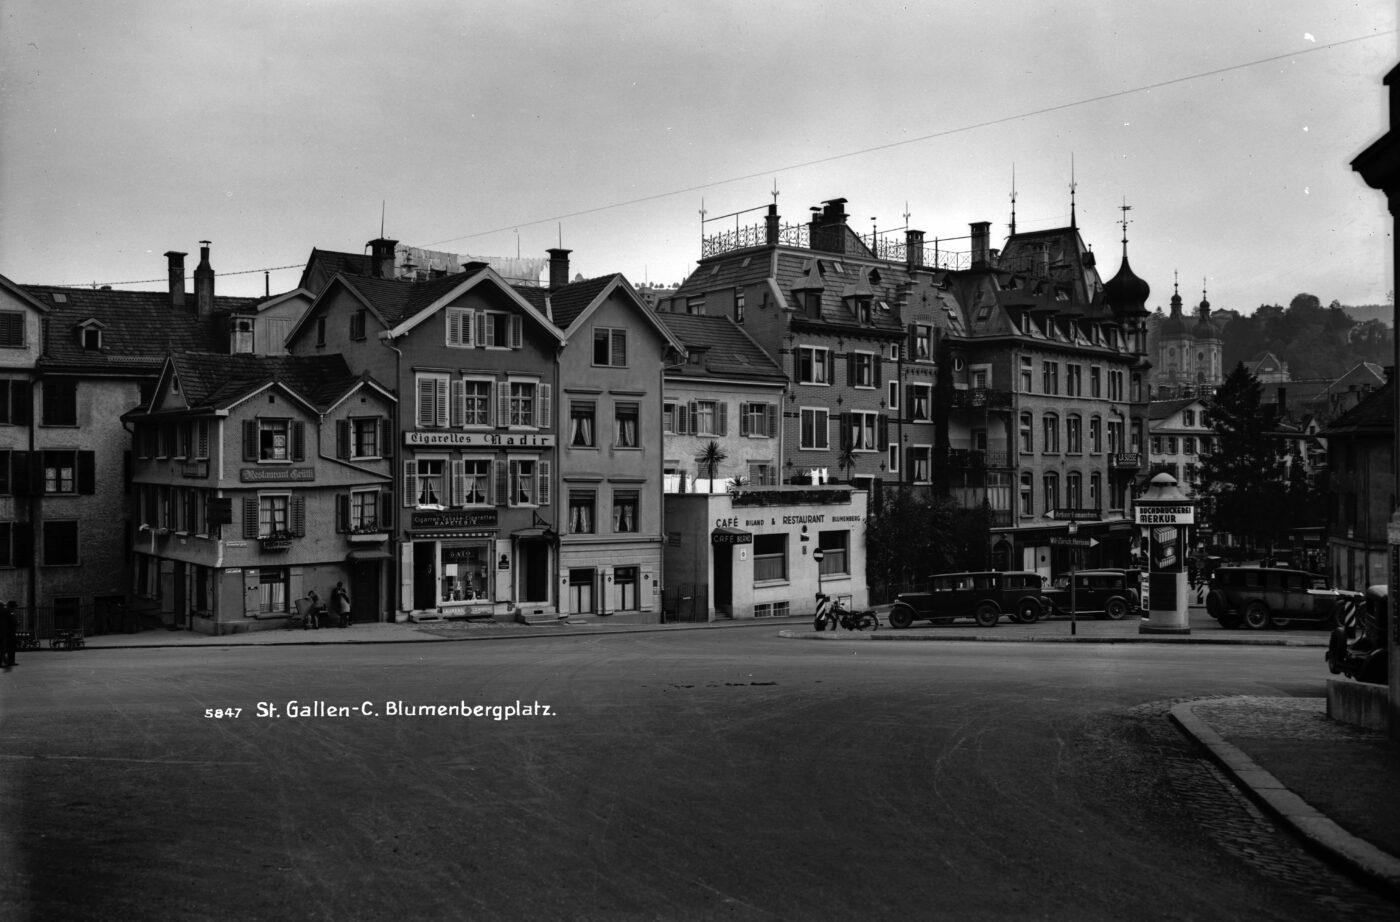 2019 und 1932: Altstadt, Blumenbergplatz, Unterer Graben